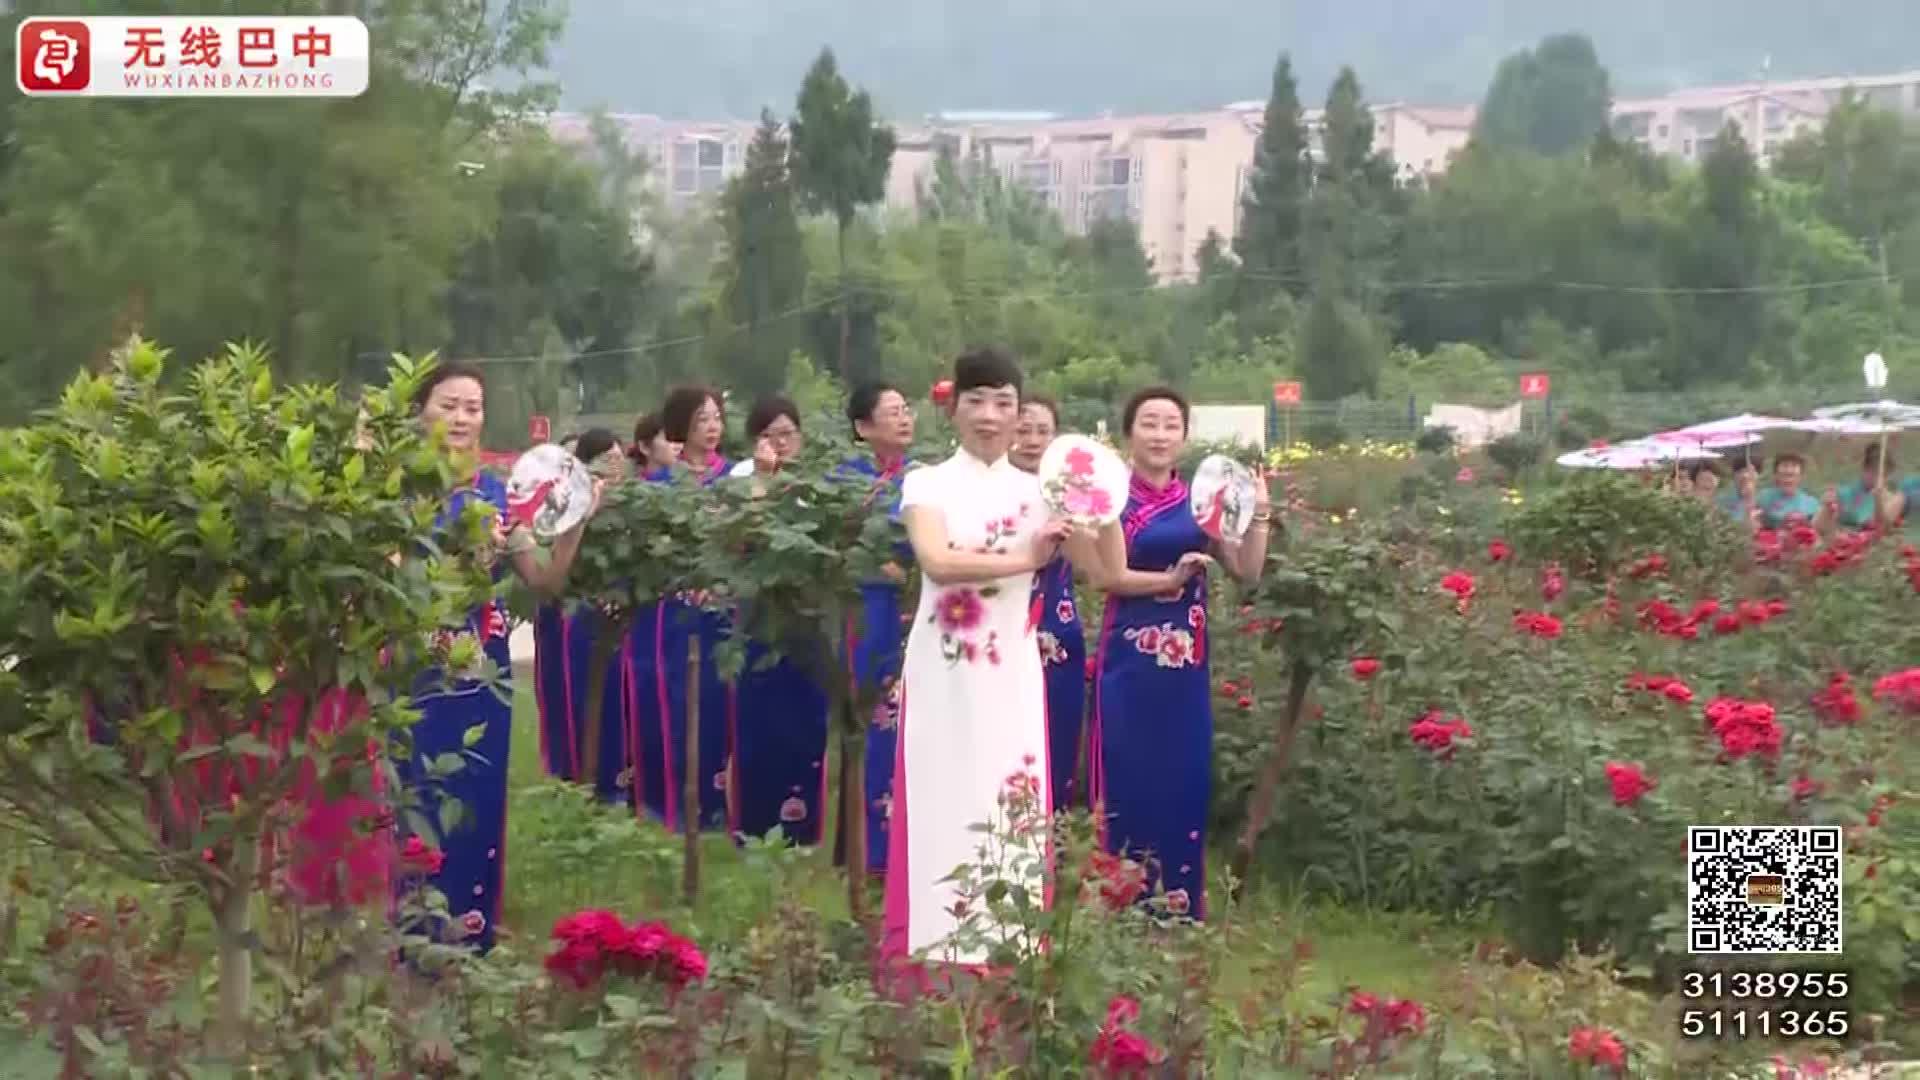 母亲节:姹紫嫣红旗袍秀 渲染山头展自信